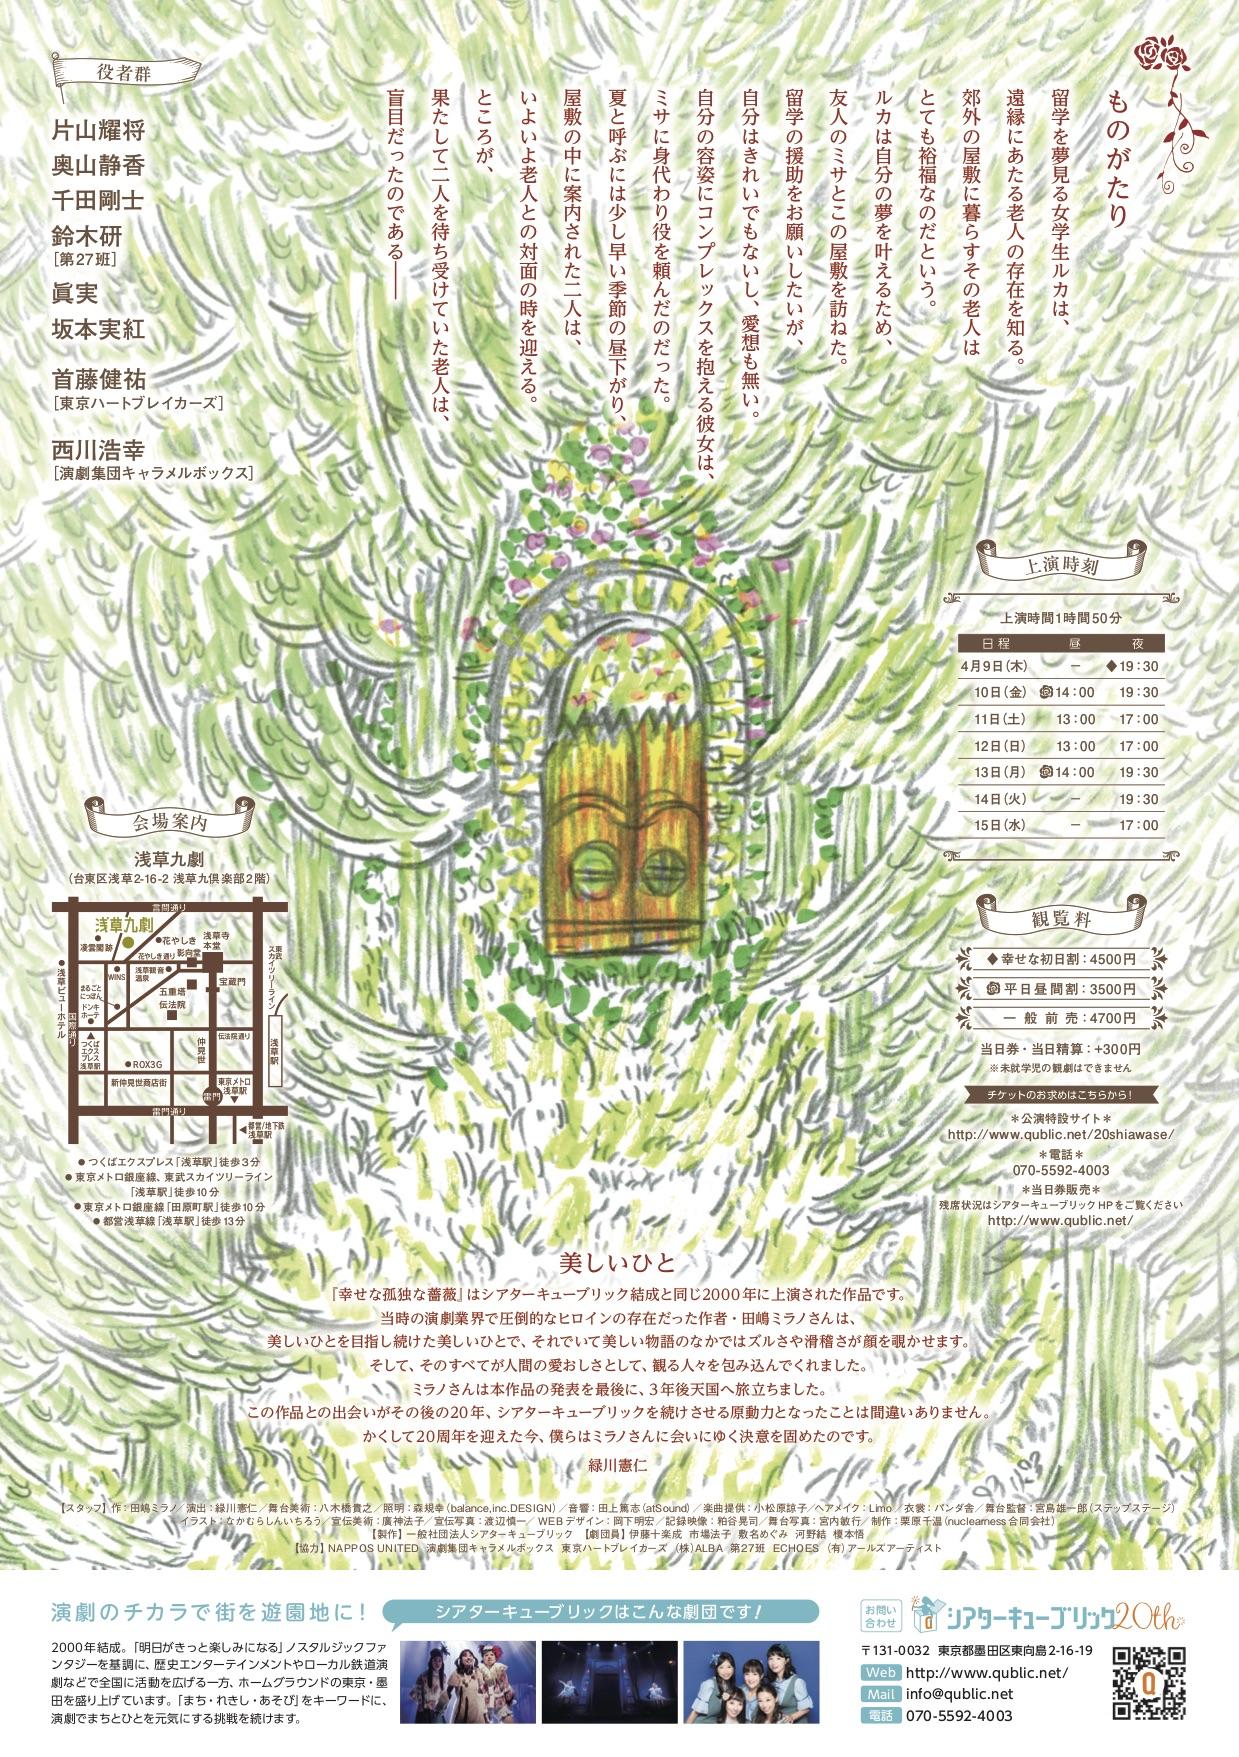 http://qublic.net/Shiawasena_chirashi_ura.jpg